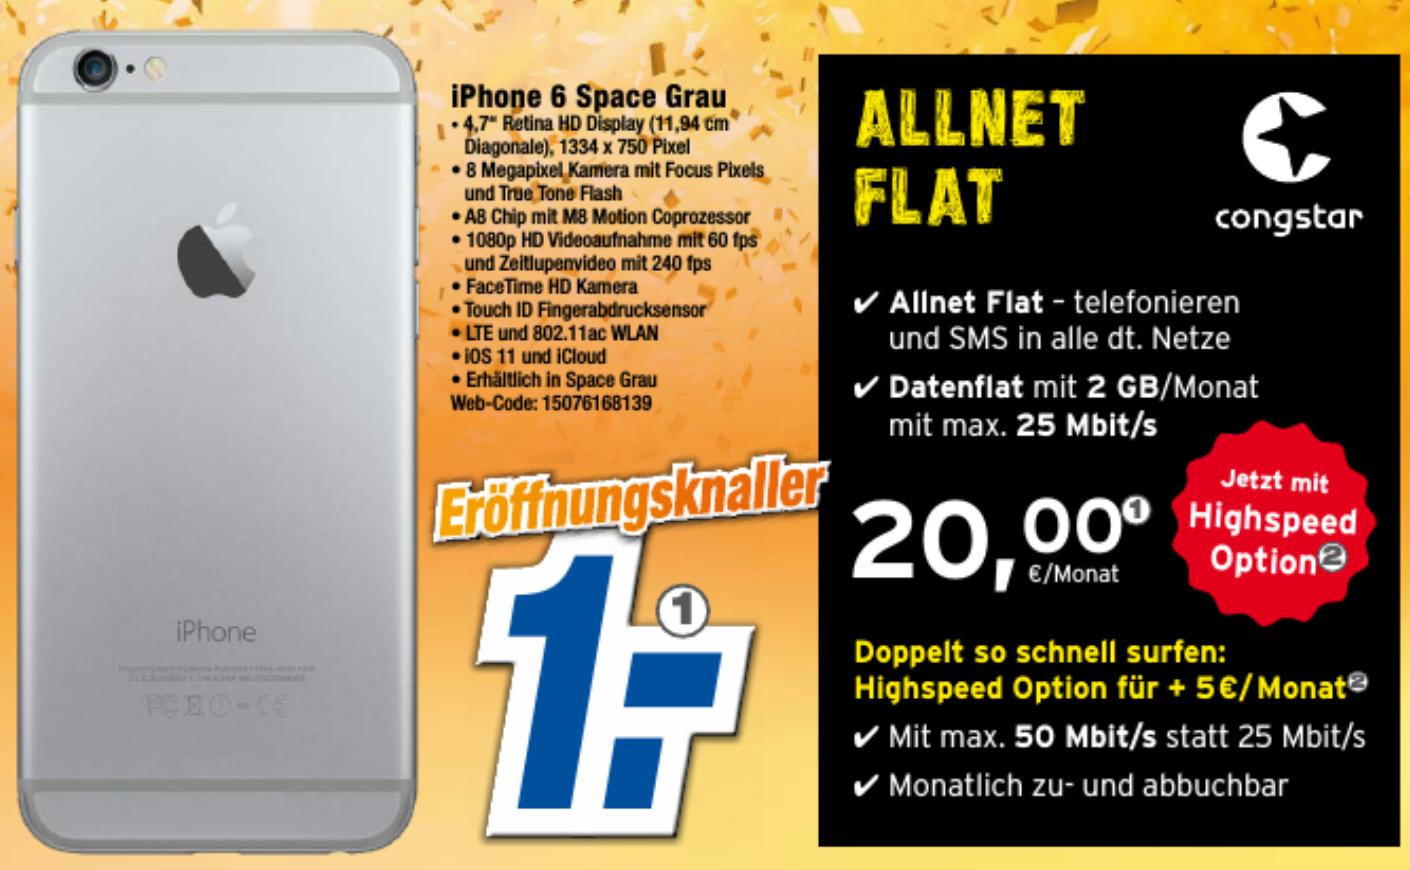 Lokal Celle, Burgdorf und Lehrte: iPhone 6 32GB mit Congstar Allnet Flat 2GB für rechnerisch monatlich 20,88€ oder ggf. 10,17€